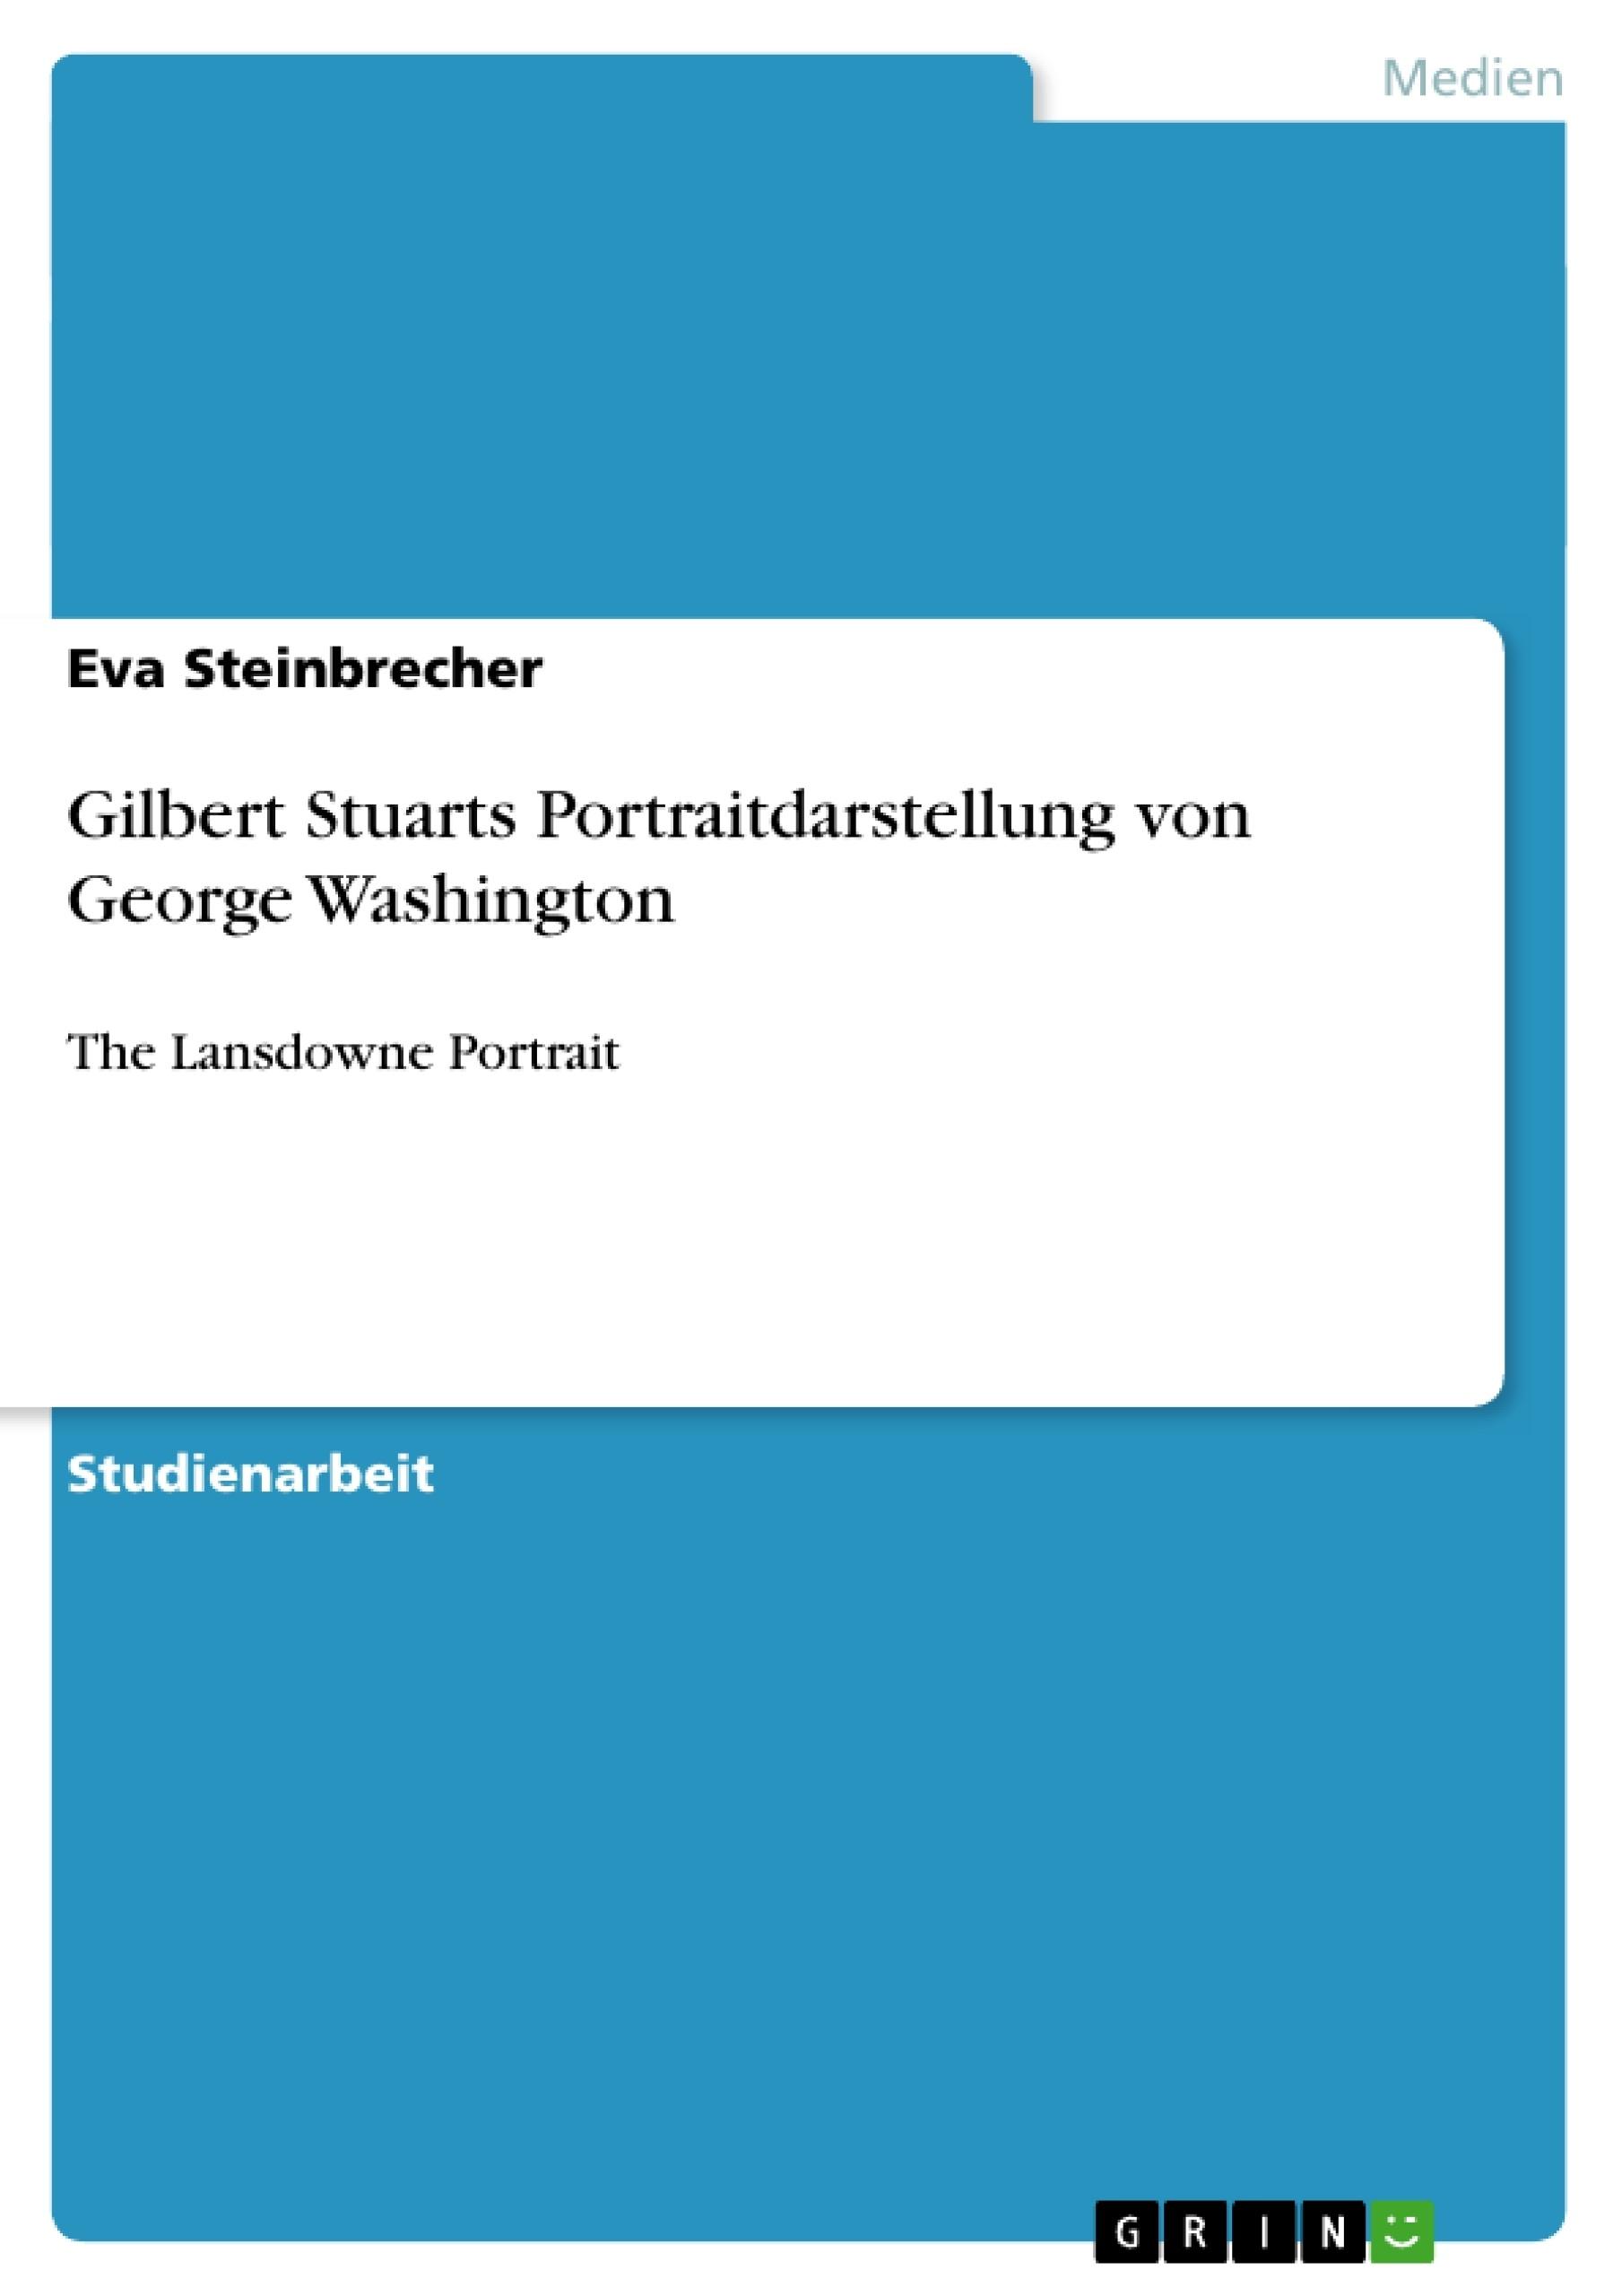 Titel: Gilbert Stuarts Portraitdarstellung von George Washington